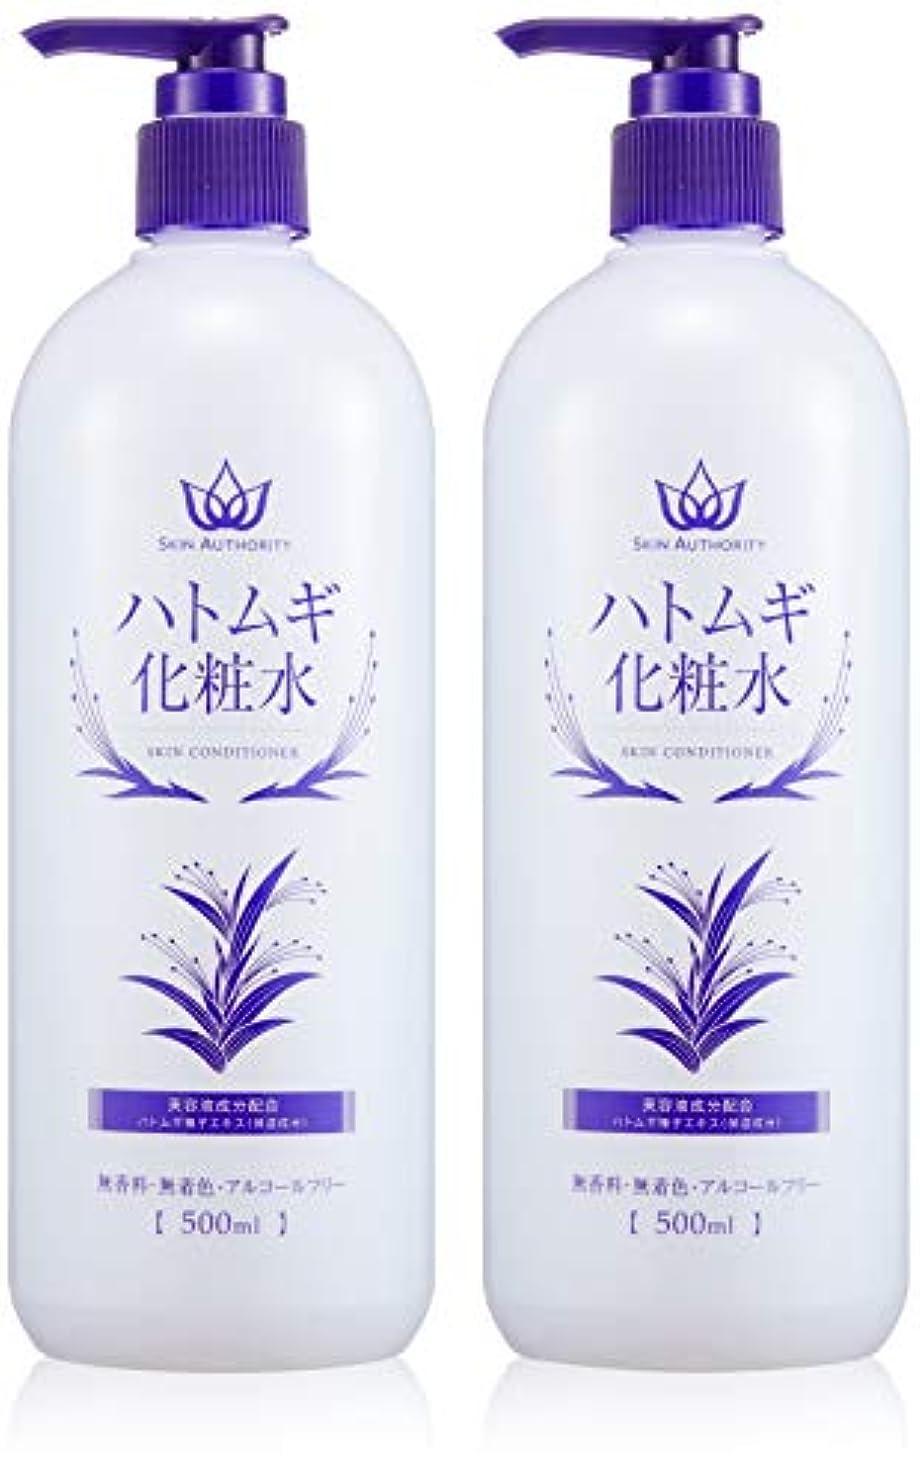 バイアス正しいスプーン[Amazon限定ブランド] SKIN AUTHORITY ハトムギ化粧水 500mlx2本